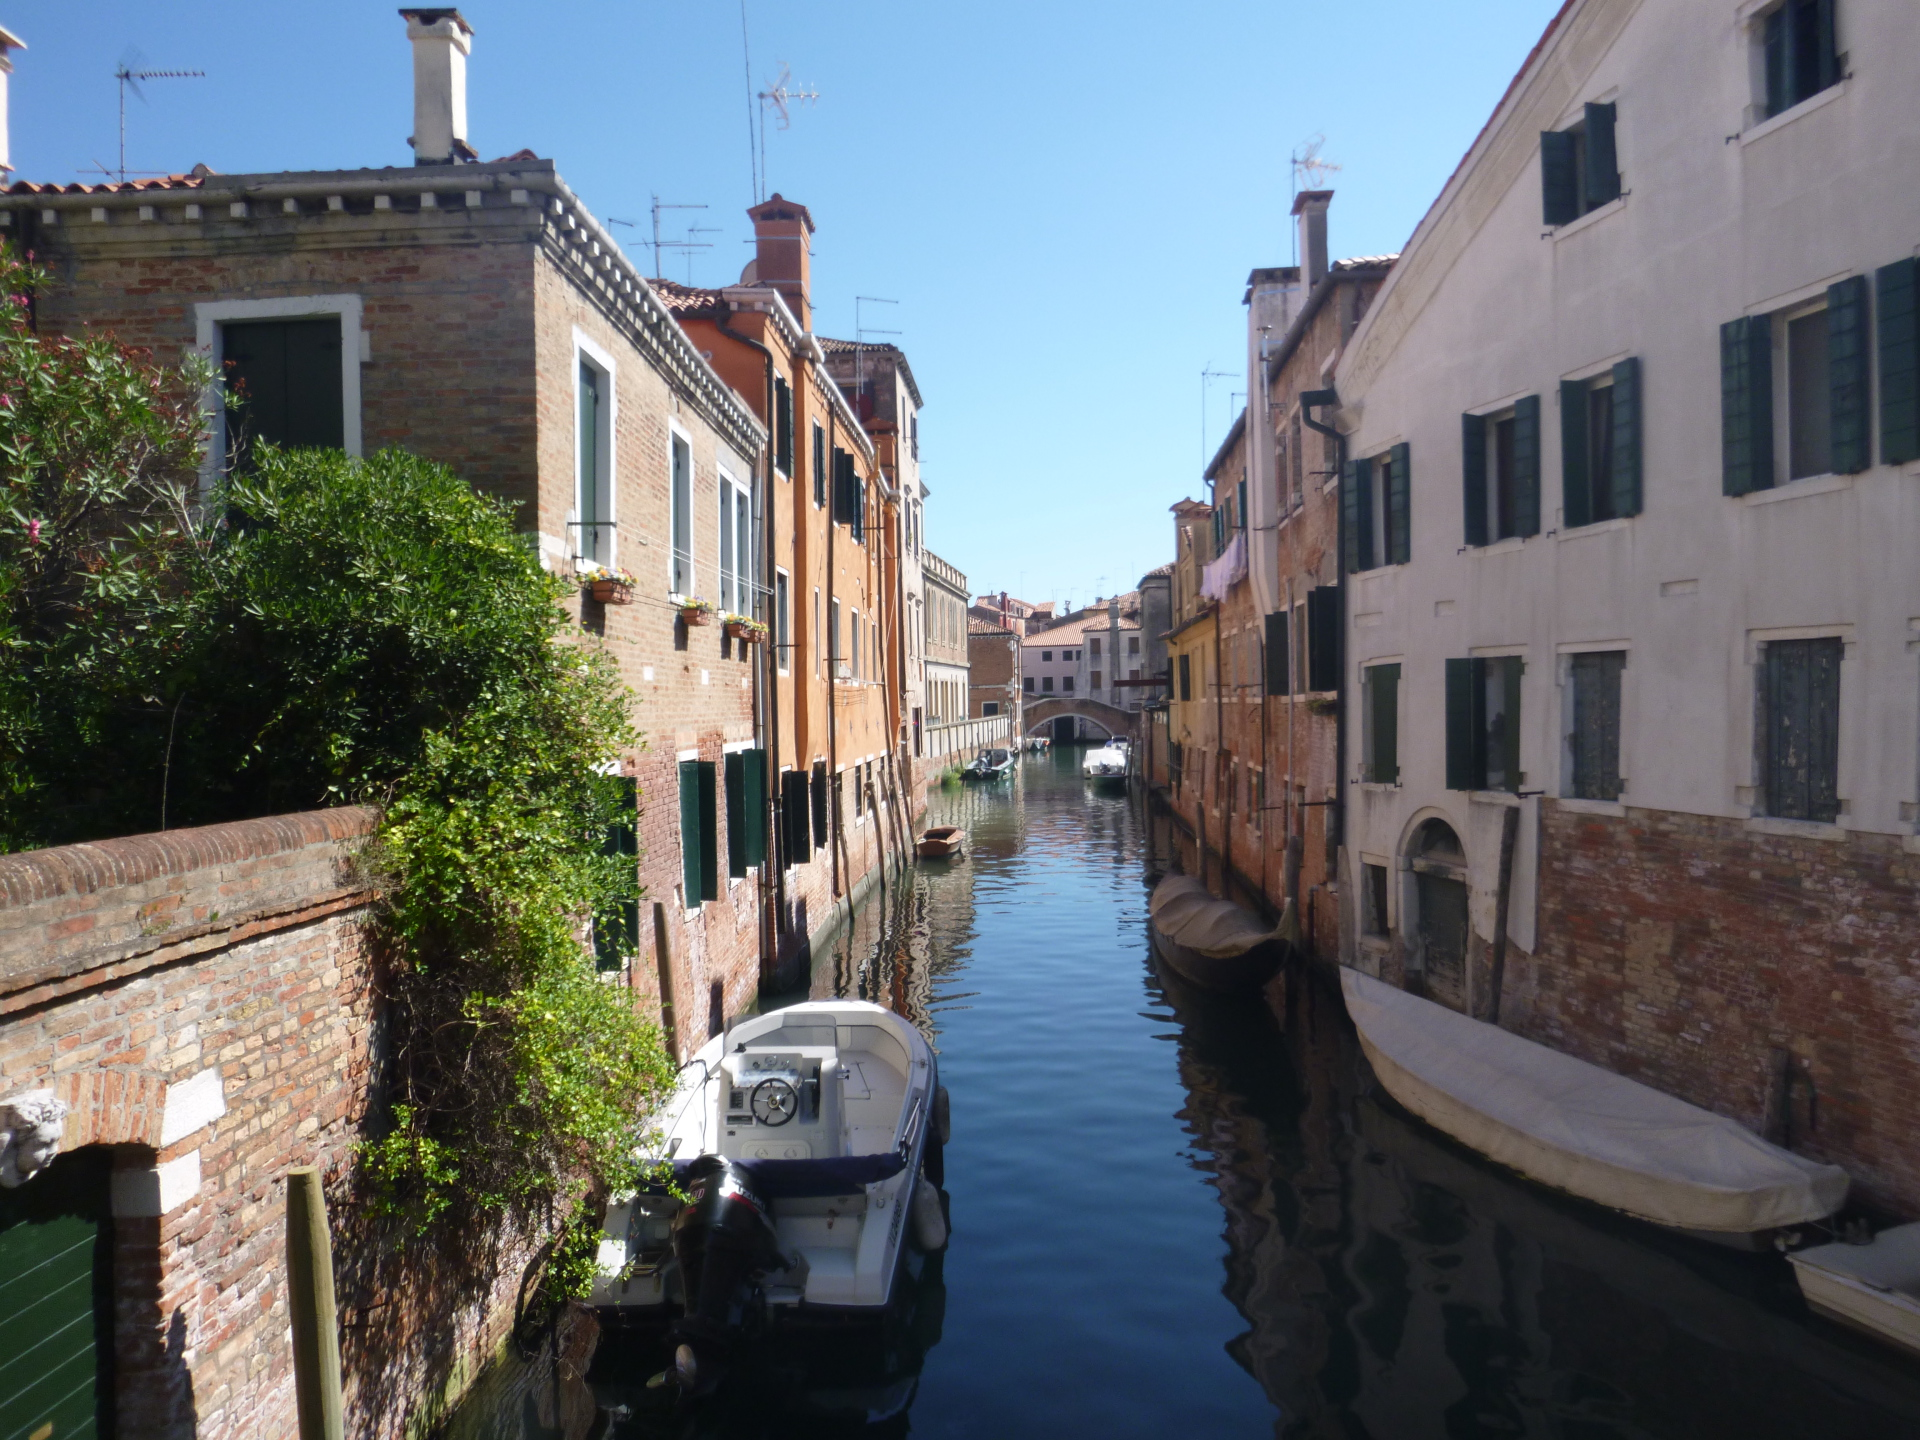 Very Nice Venice